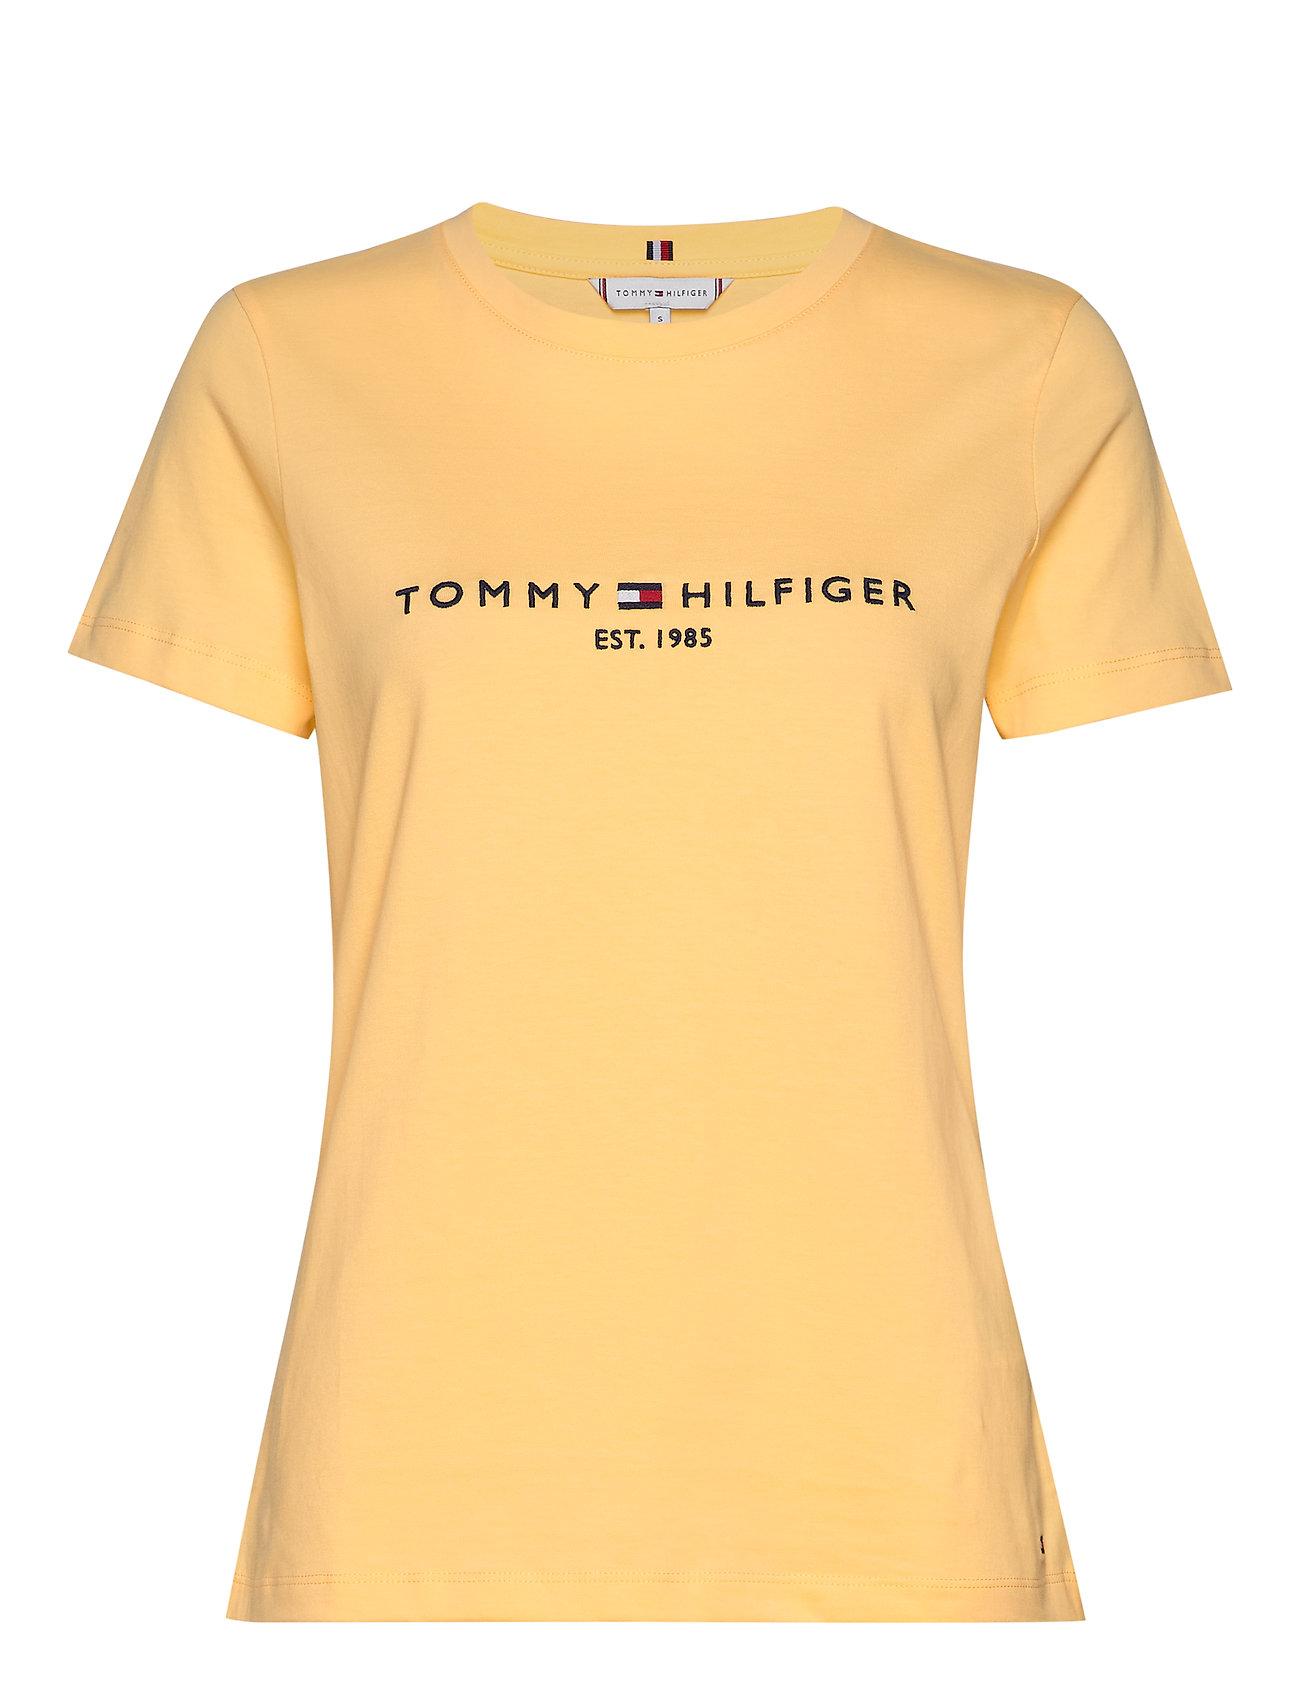 Tommy Hilfiger NEW TH ESS HILFIGER - SUNRAY